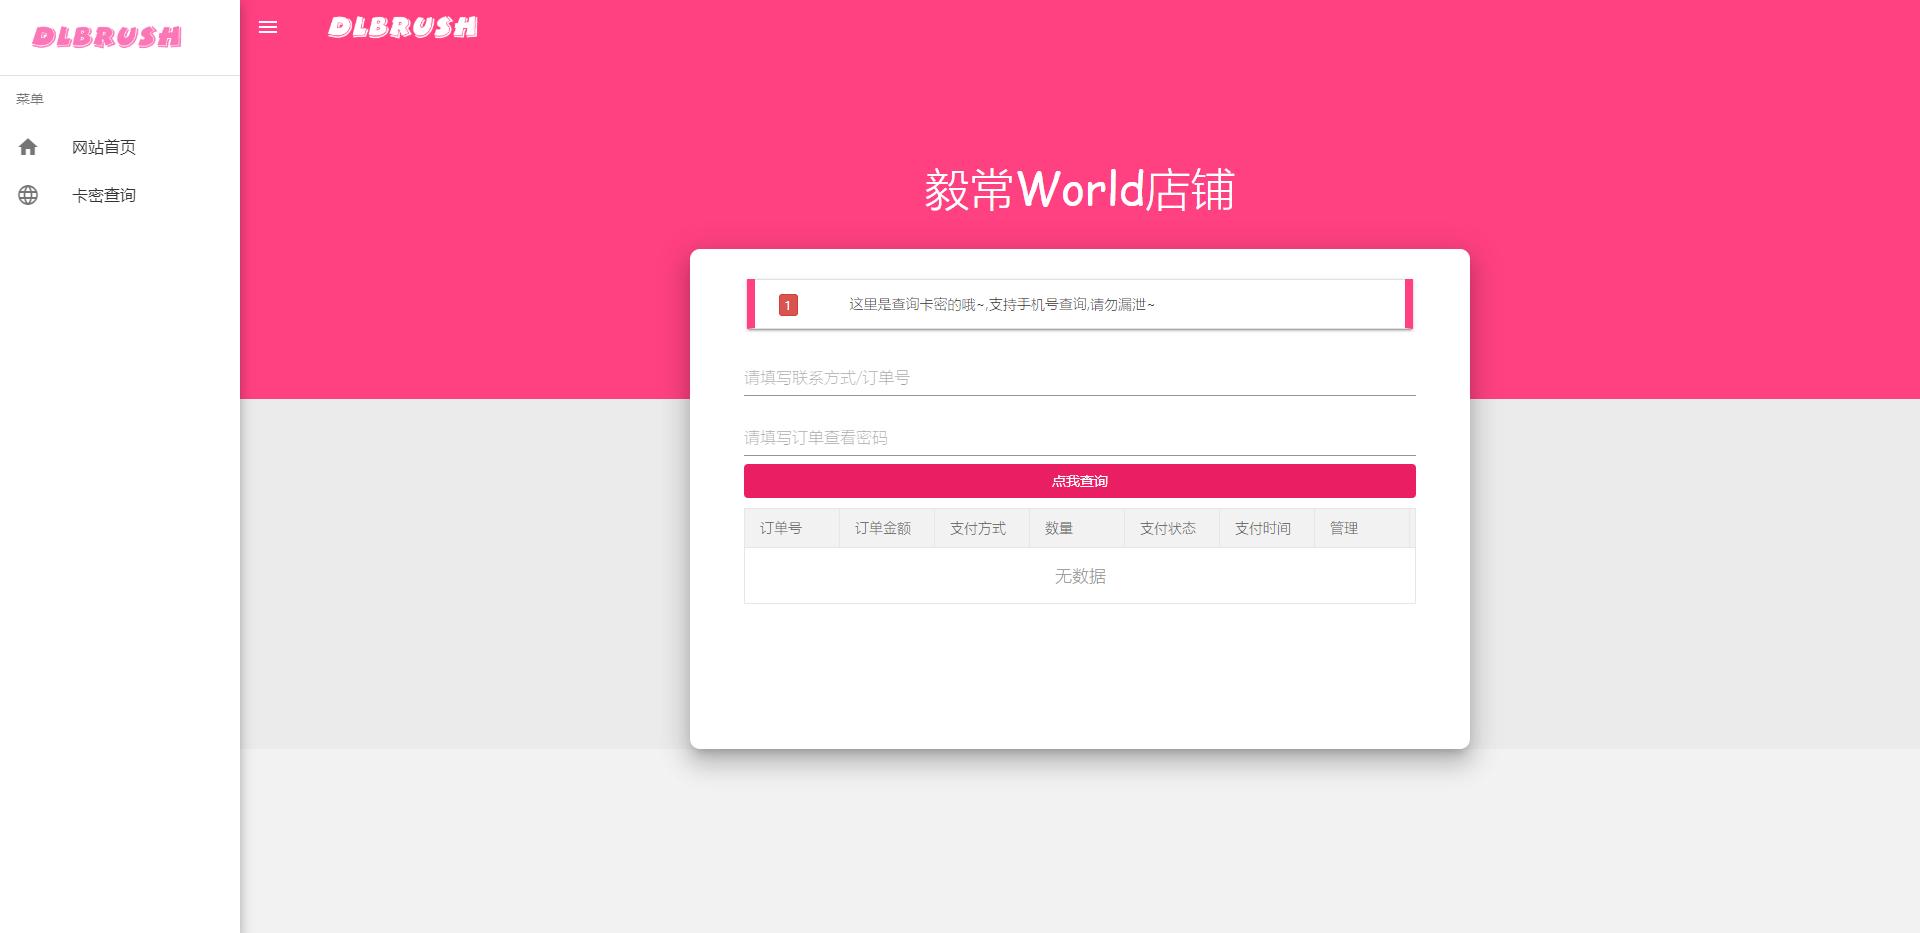 2020年6月最新修复版small发卡类源码 V1.0.1免费下载-天盈博客